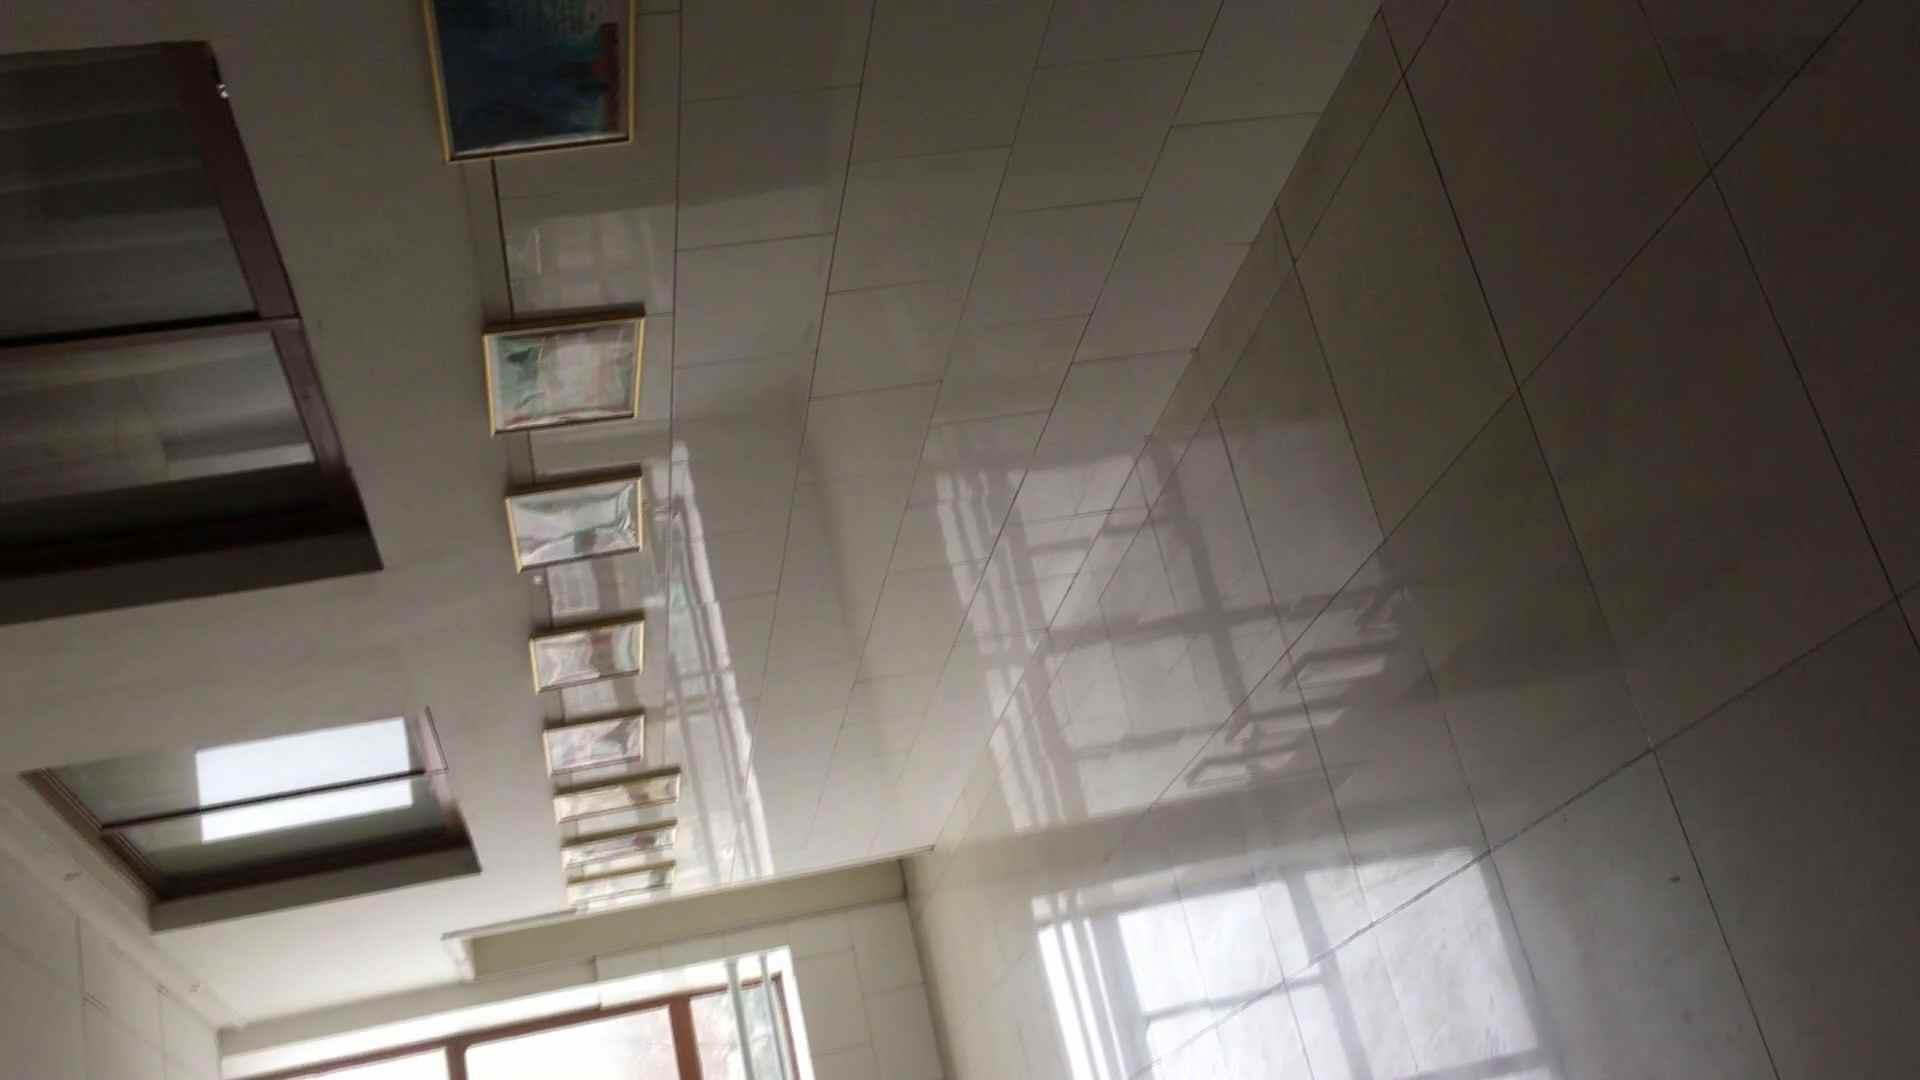 芸術大学ガチ潜入盗撮 JD盗撮 美女の洗面所の秘密 Vol.89 美肌 | 細身体型  75枚 61